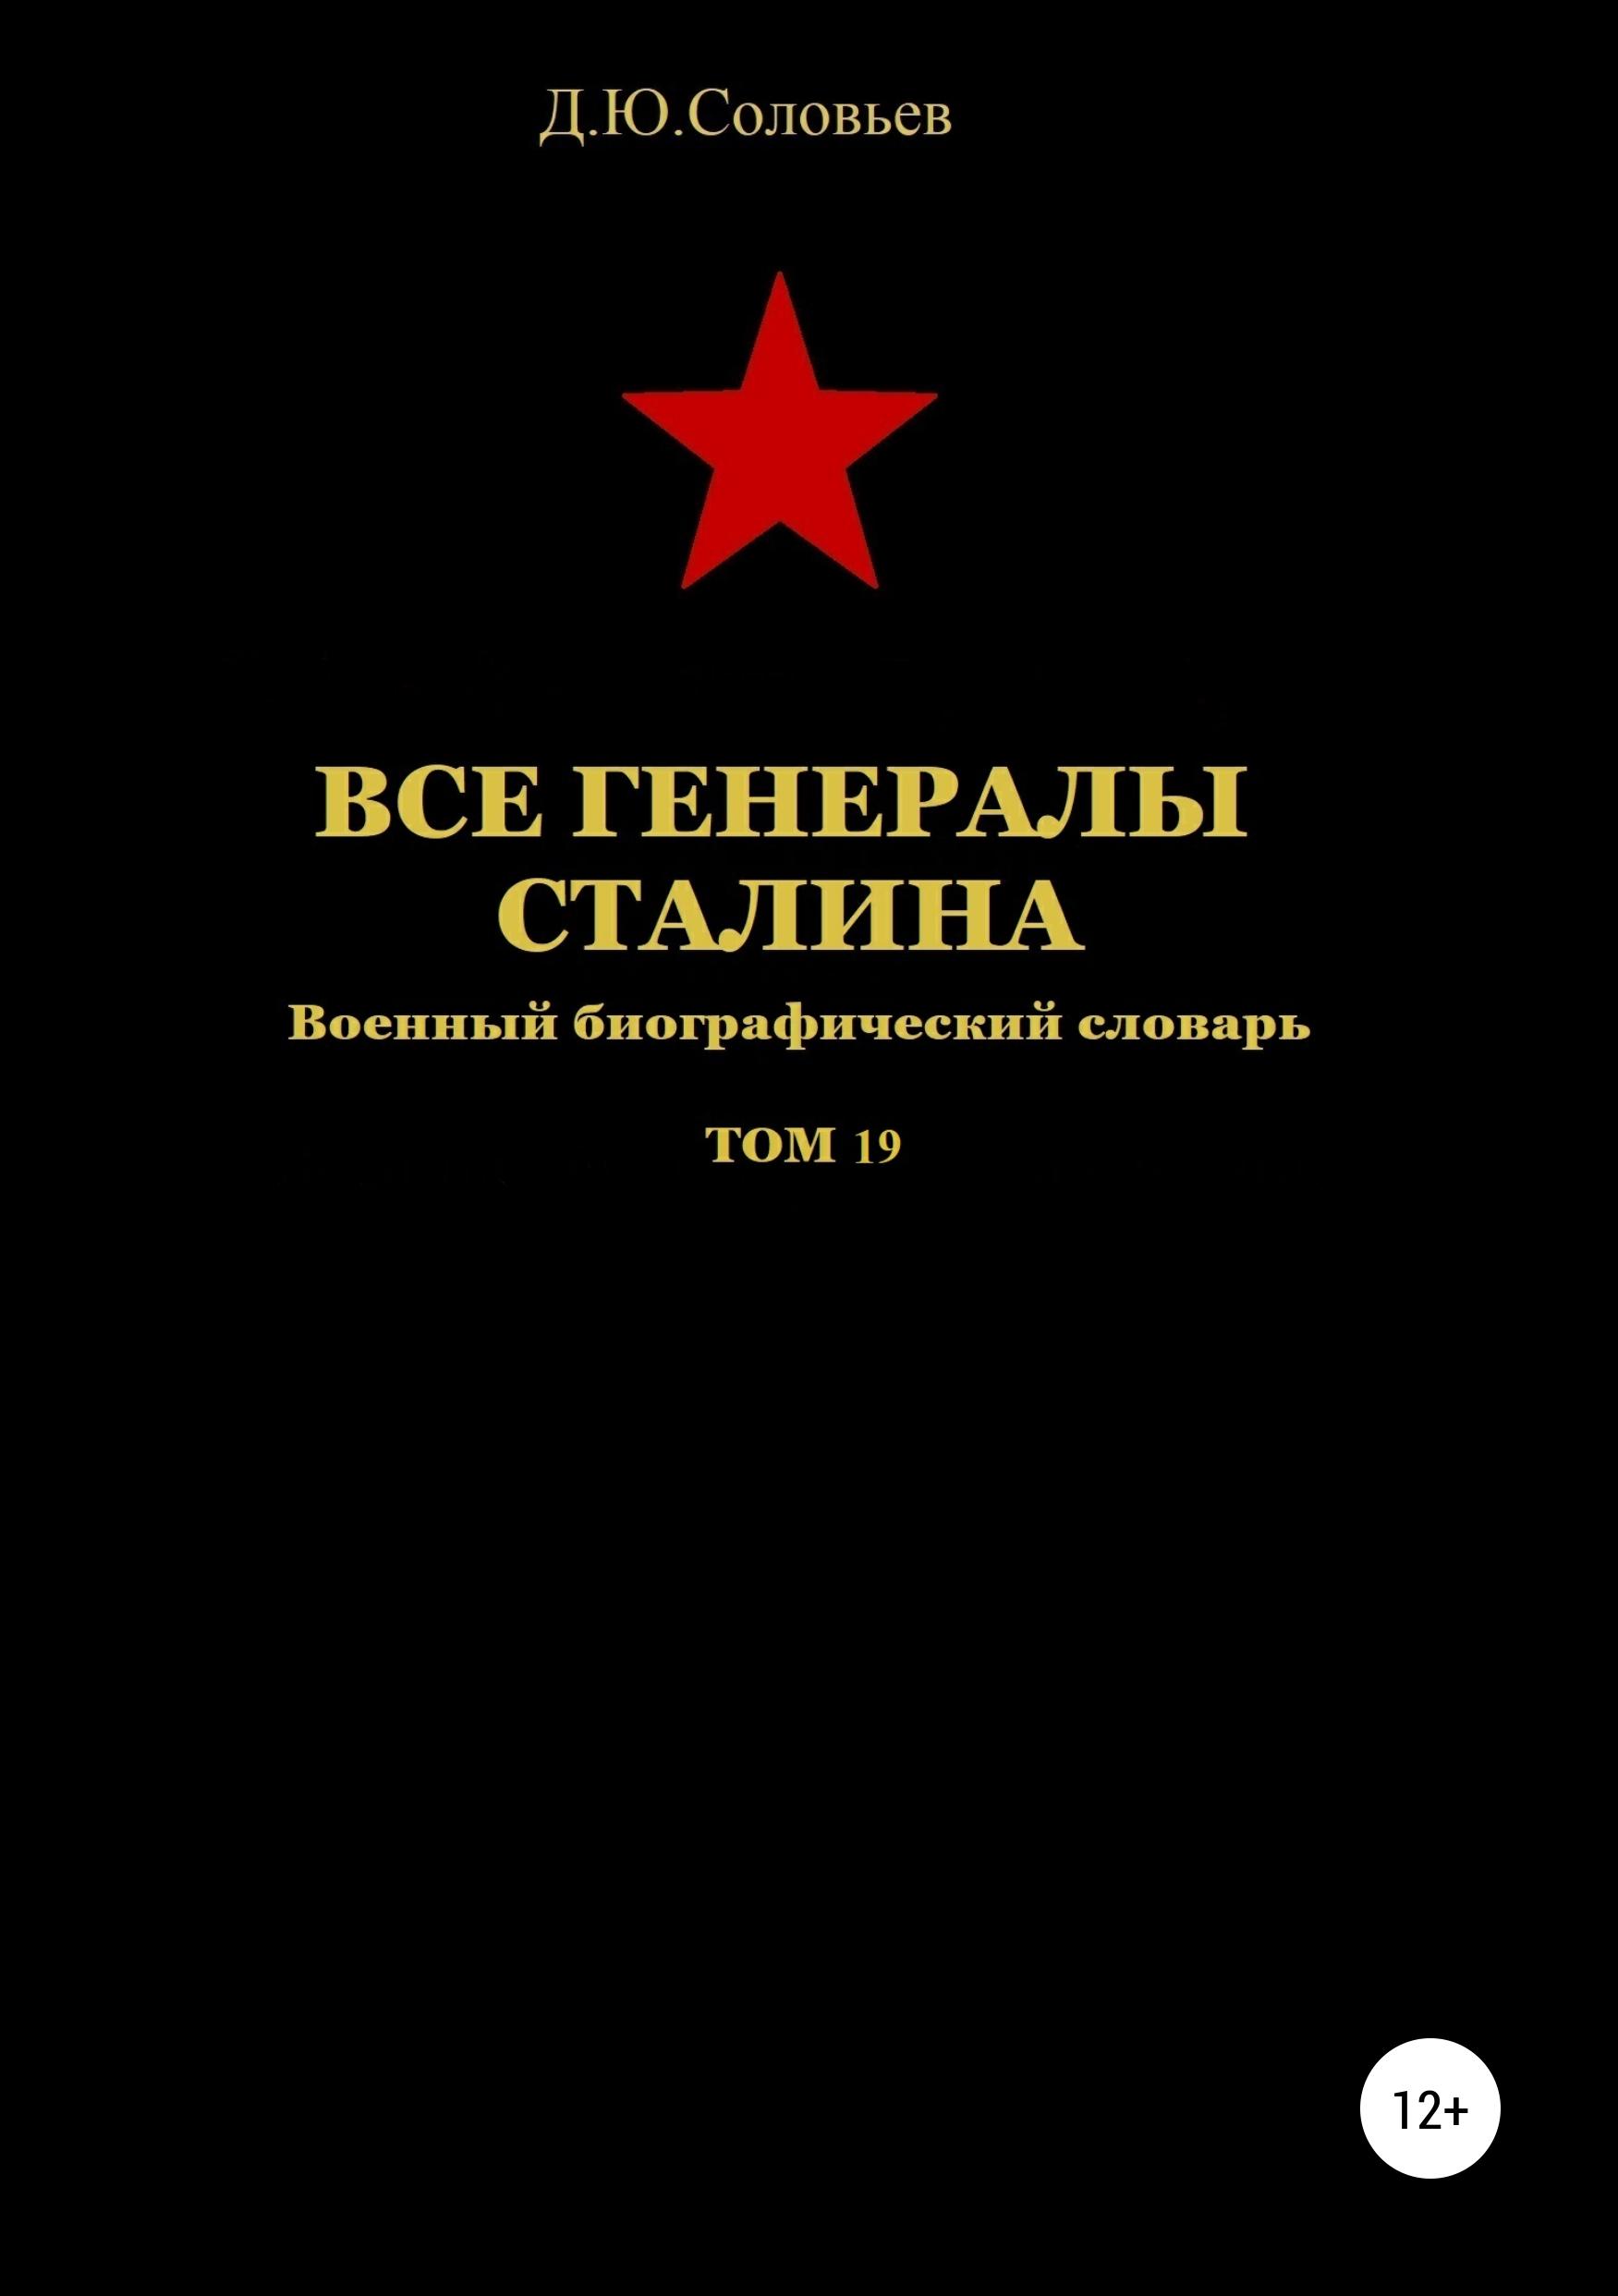 Все генералы Сталина. Том 19